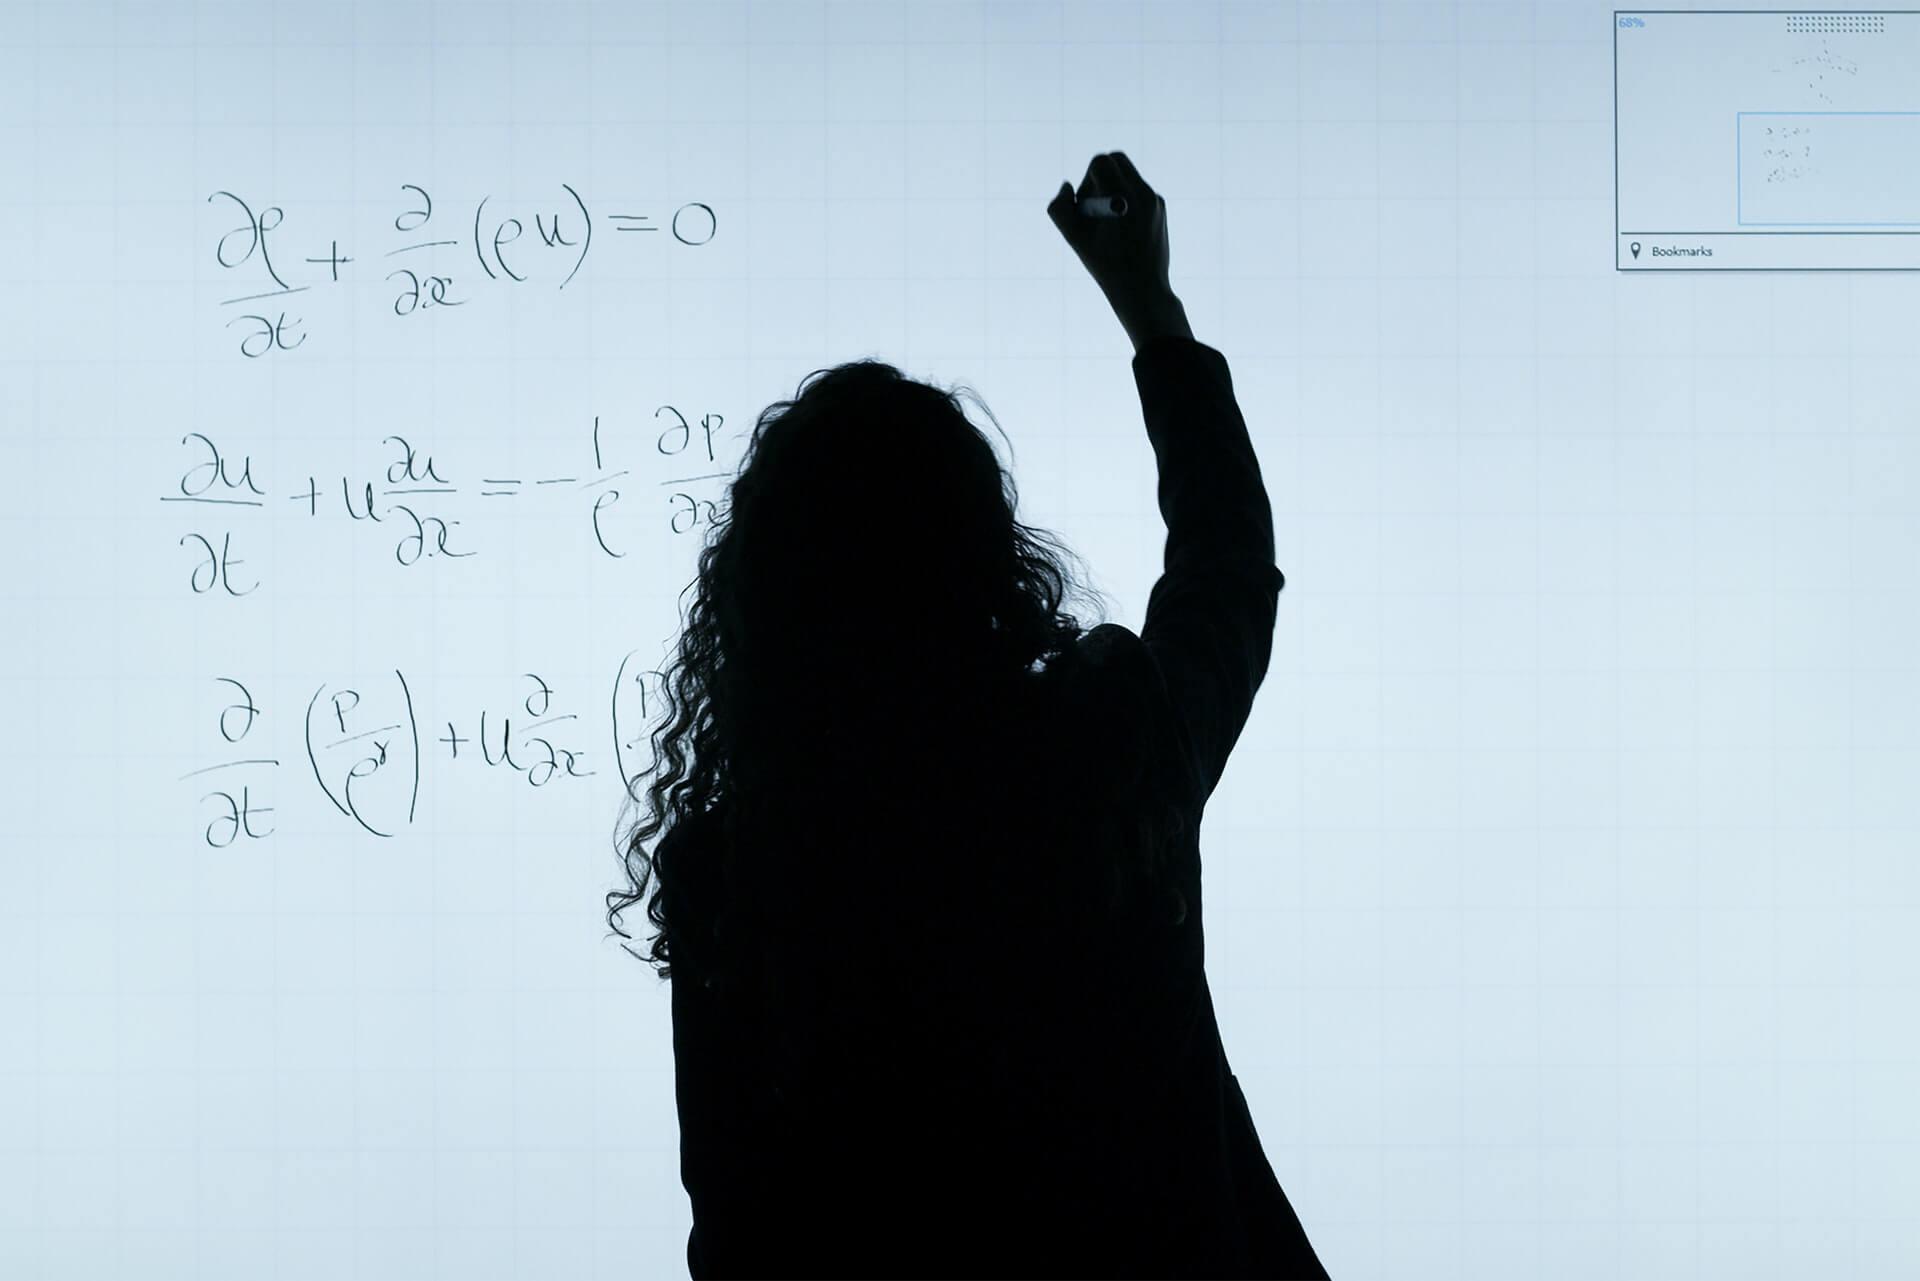 Razvili projekt za unaprjeđenje nastave matematike: Modernizirat ćemo pristup podučavanju